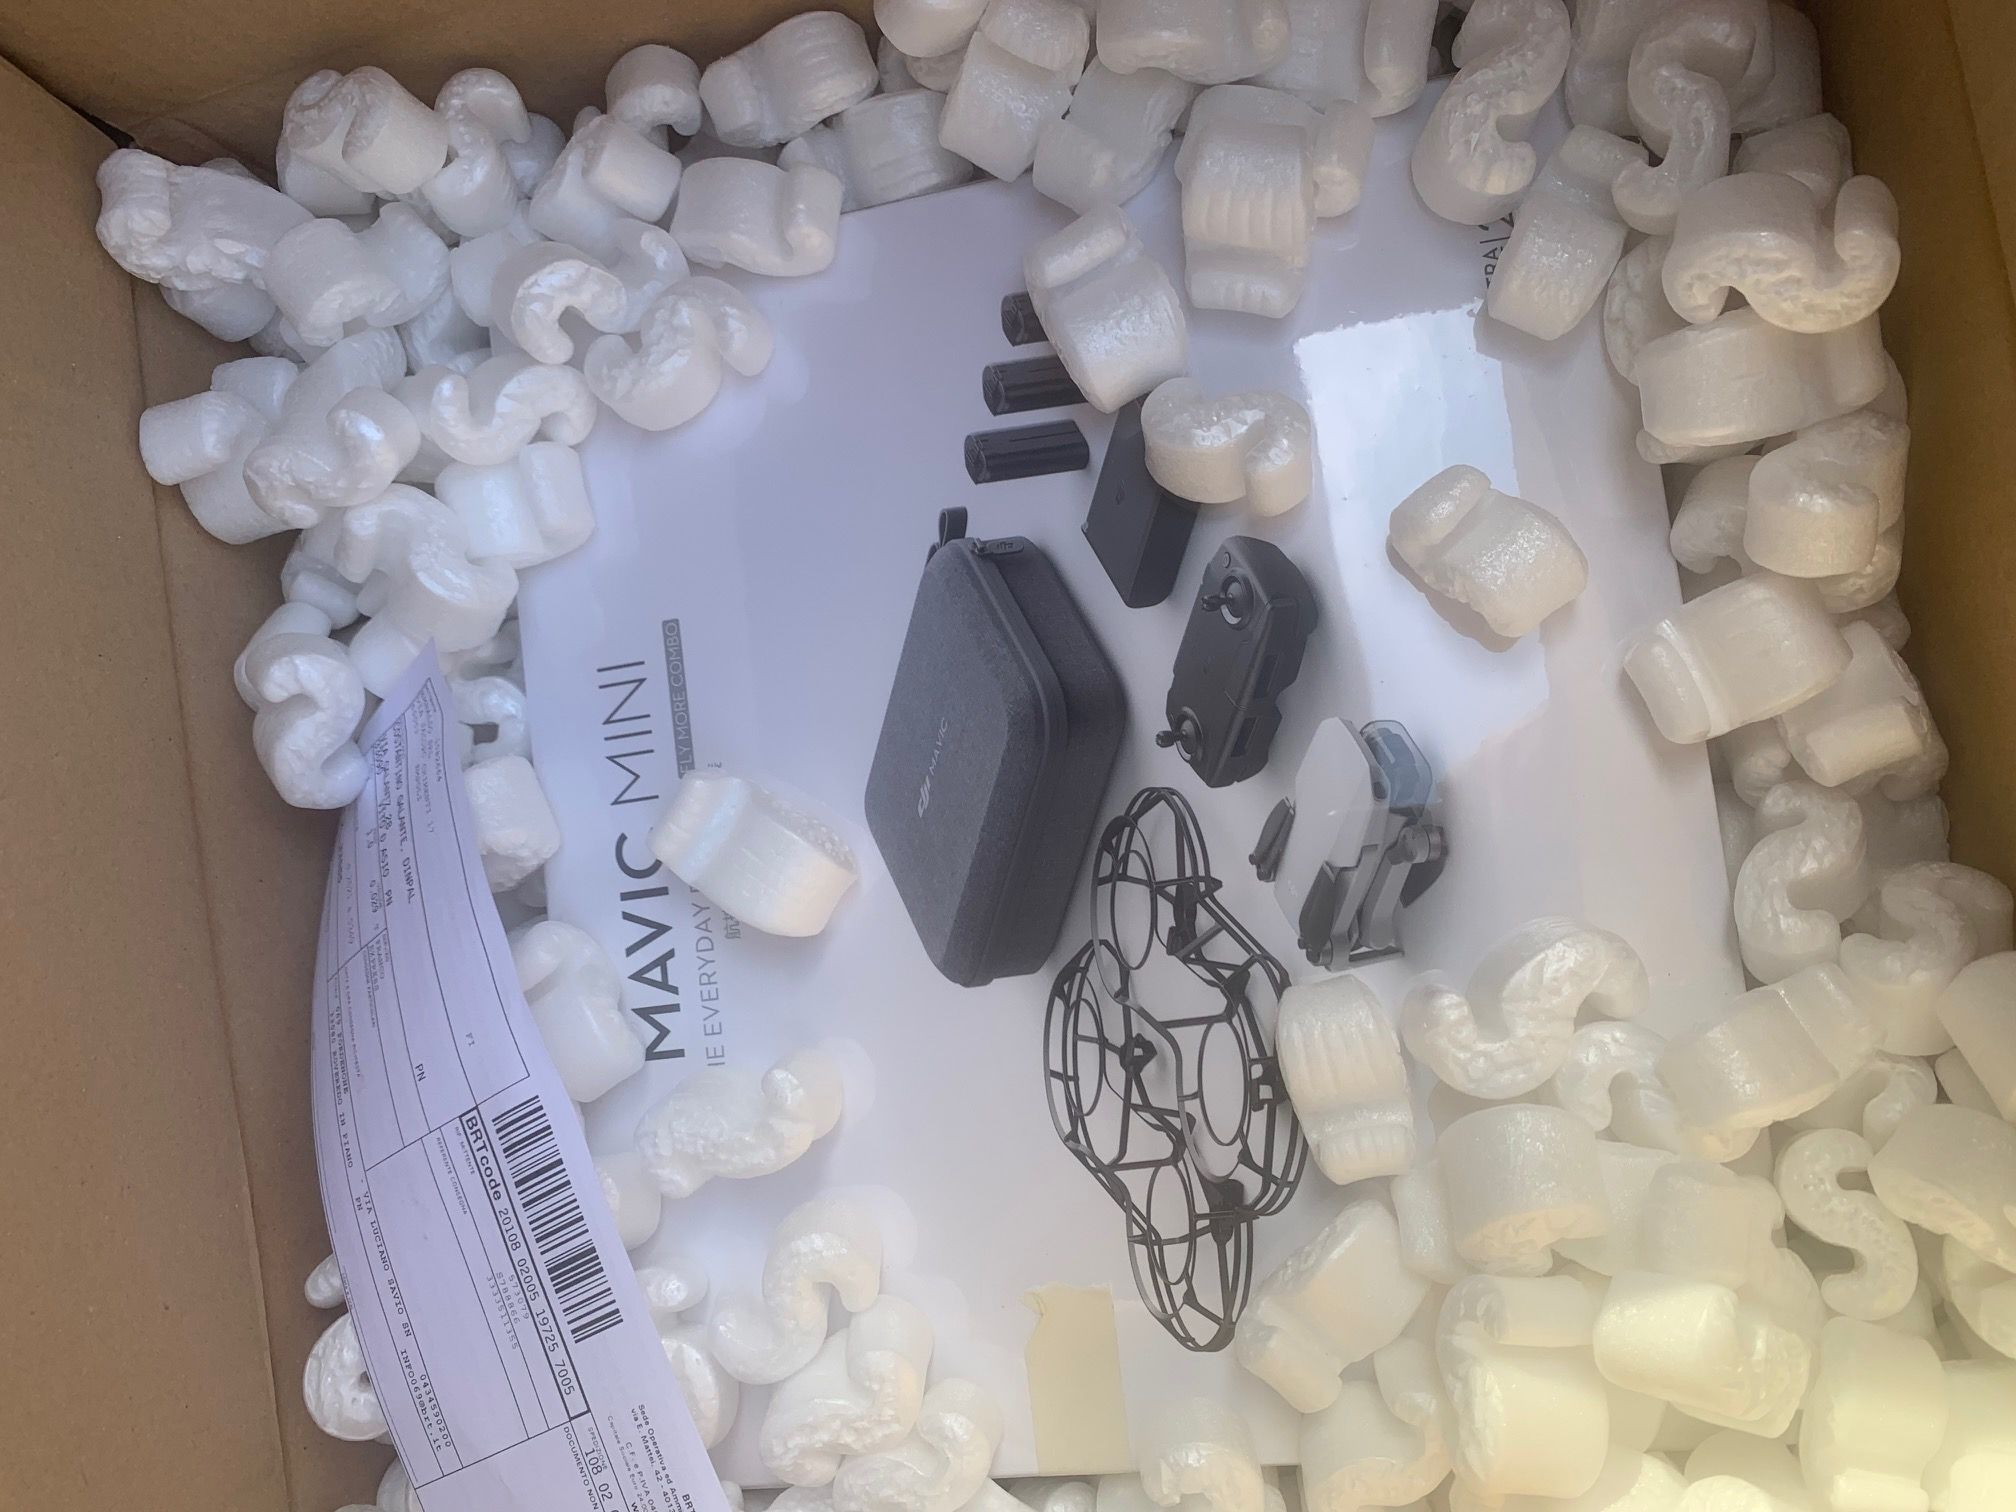 Mavic Mini Fly More Combo + Copertura danni accidentali 1 anno DJI Care